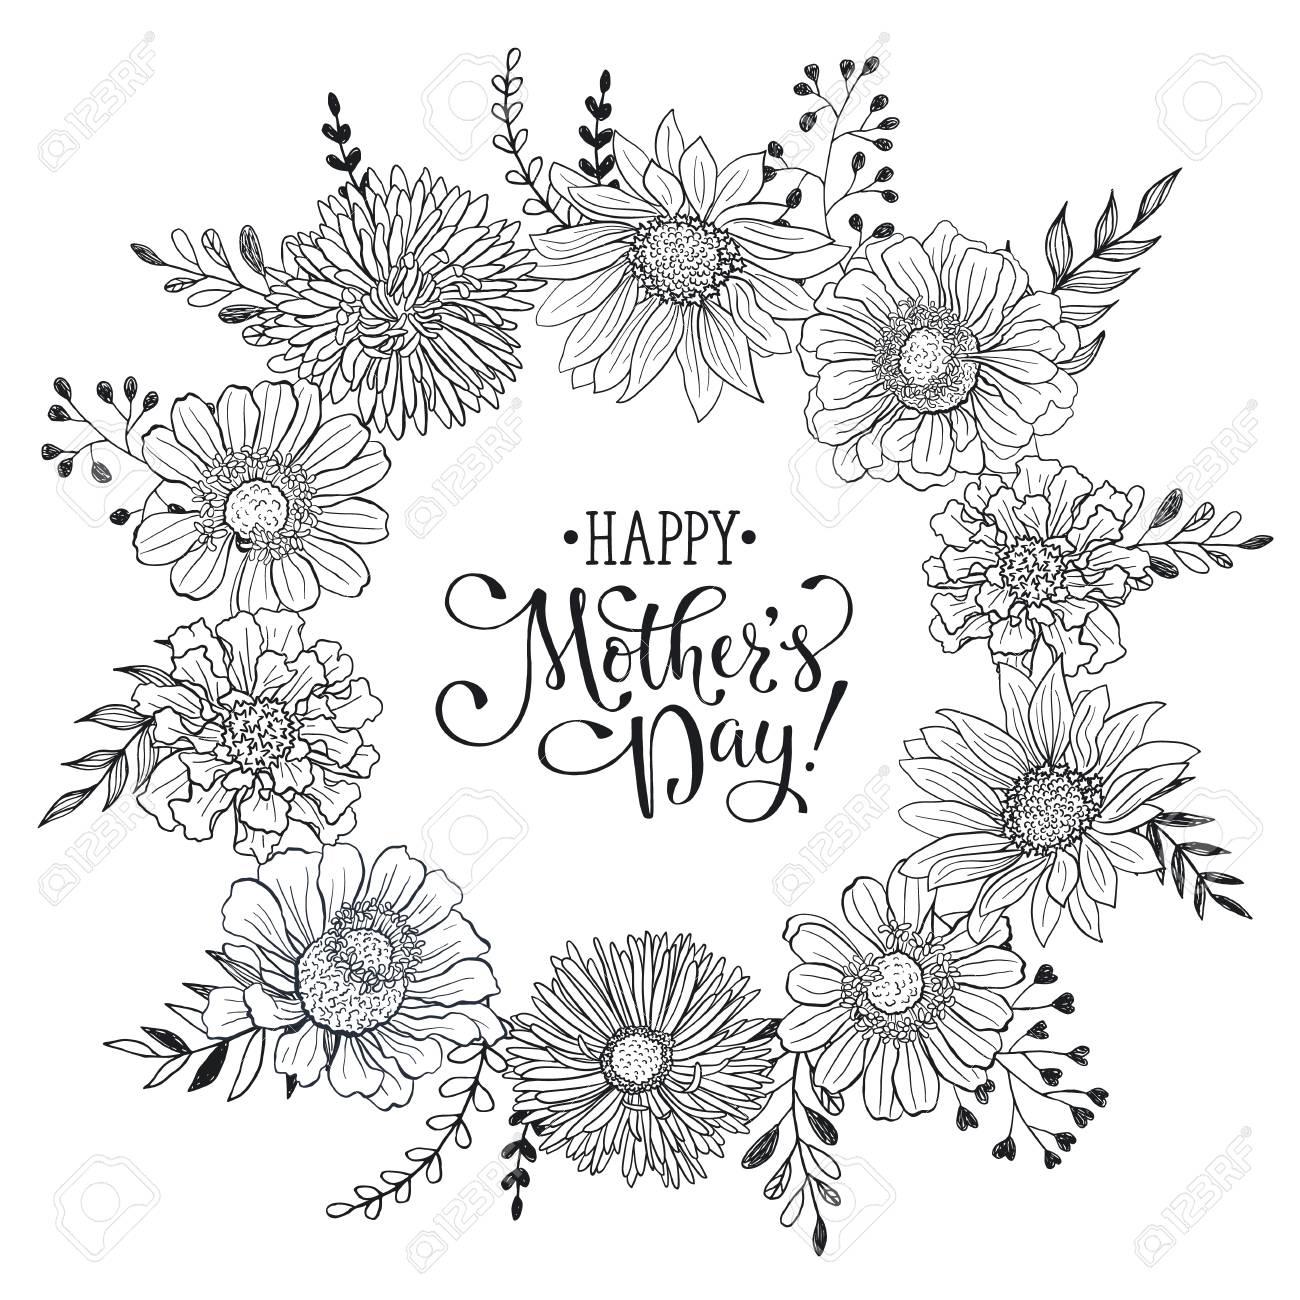 Muttertag Grußkartenvorlage. Glücklicher Mutter-Tages Formulierung ...